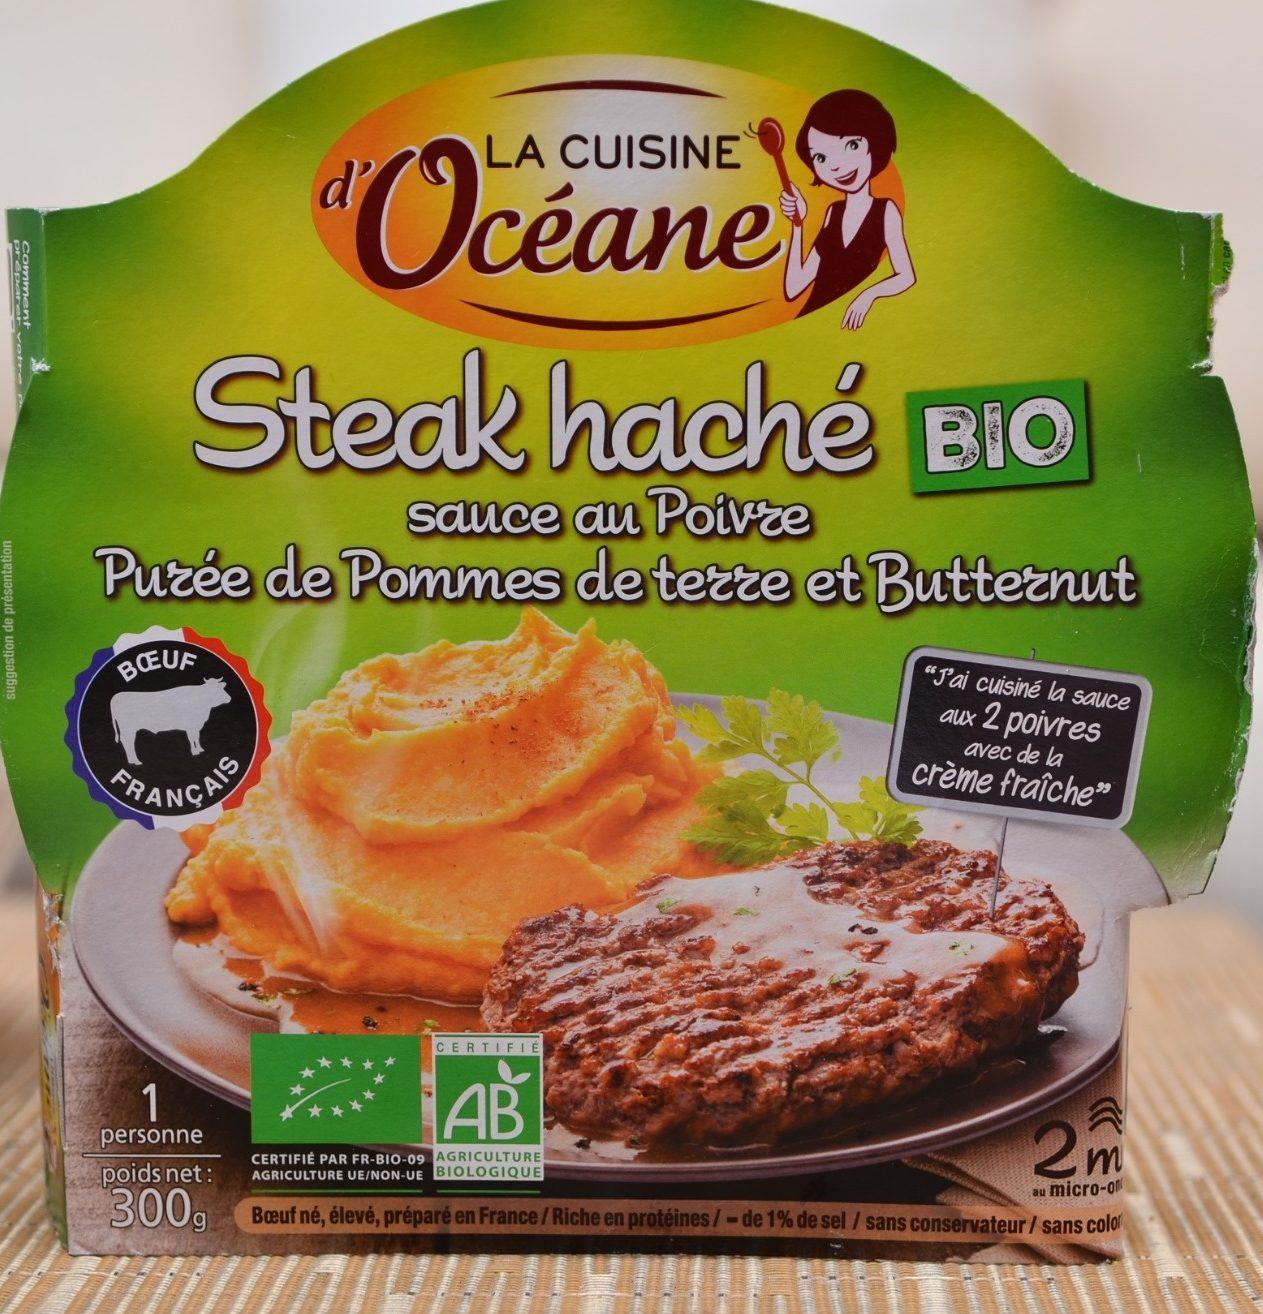 Steak Haché, Sauce au Poivre et Purée de Pommes de Terre et Butternut Bio - Produit - fr